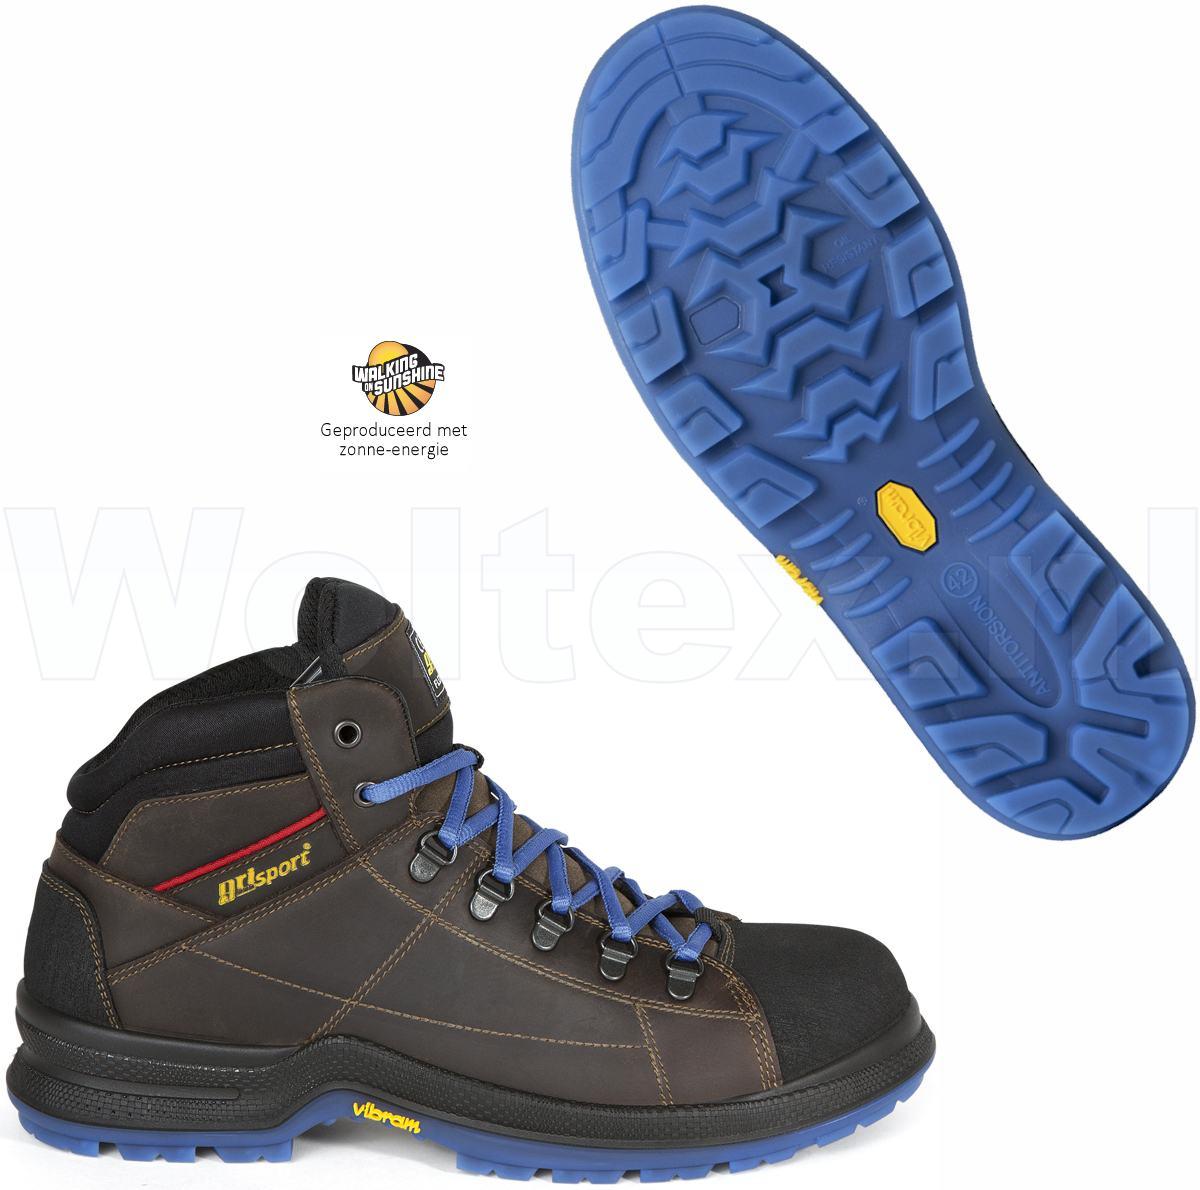 Werkschoenen Hoog.Grisport Bionik S3 Werkschoenen Hoog Model Cyborg Beschermende Neus